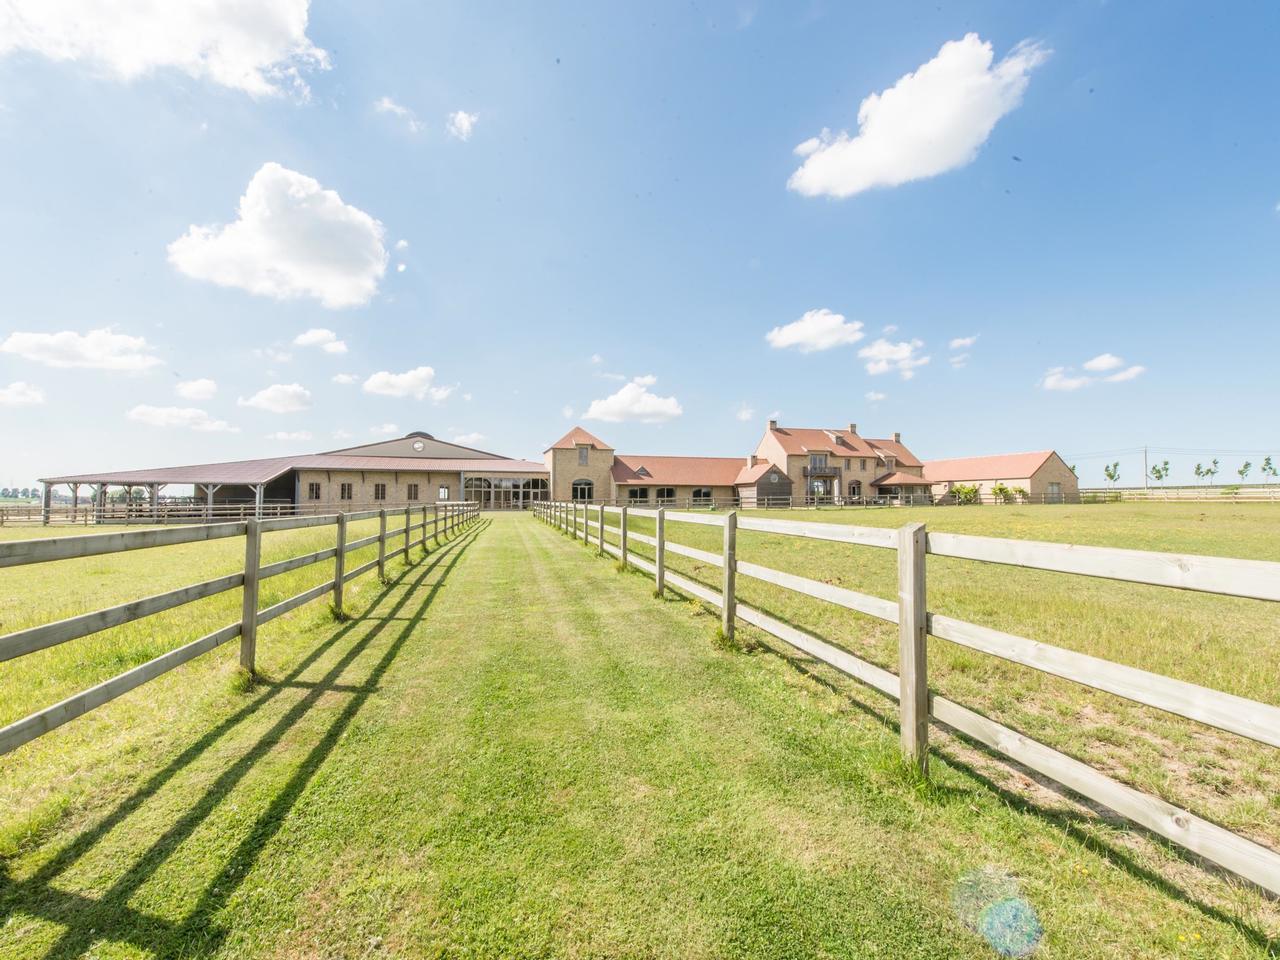 その他の住居 のために 売買 アット Flandre Occidentale I Langemark Other Belgium, ベルギーのその他の地域, 8920 ベルギー